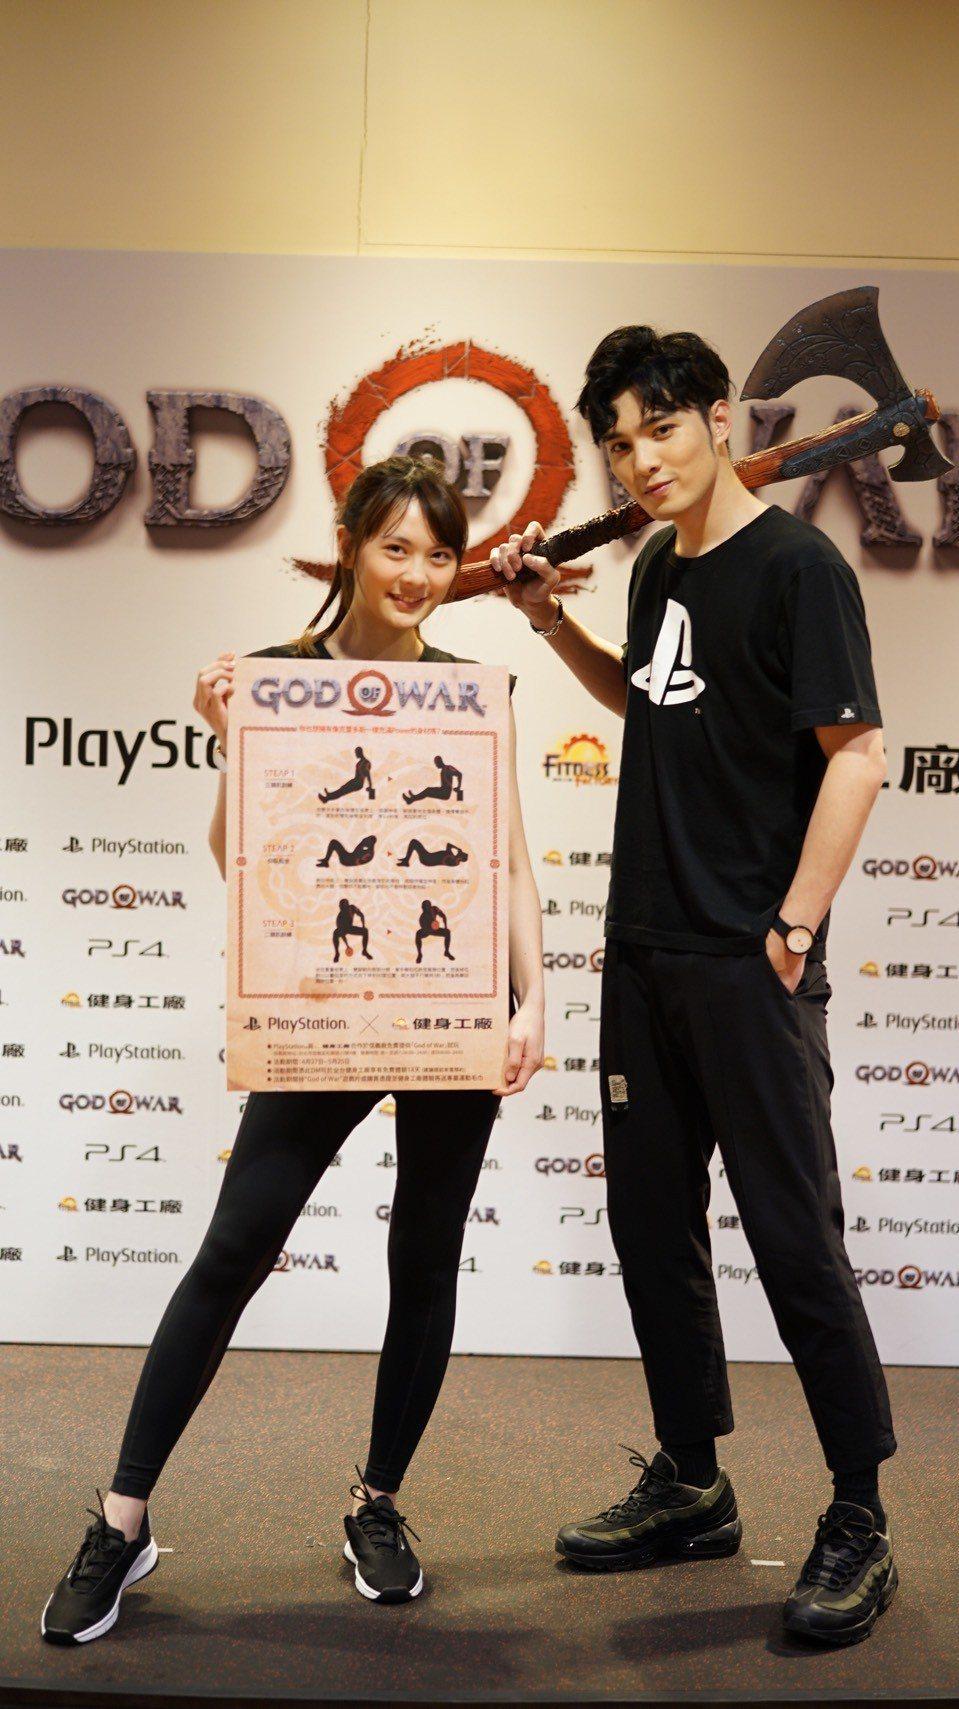 偉晉和人氣實況主「內子宮崎葵」出席電玩遊戲活動。圖/台灣索尼互動娛樂提供